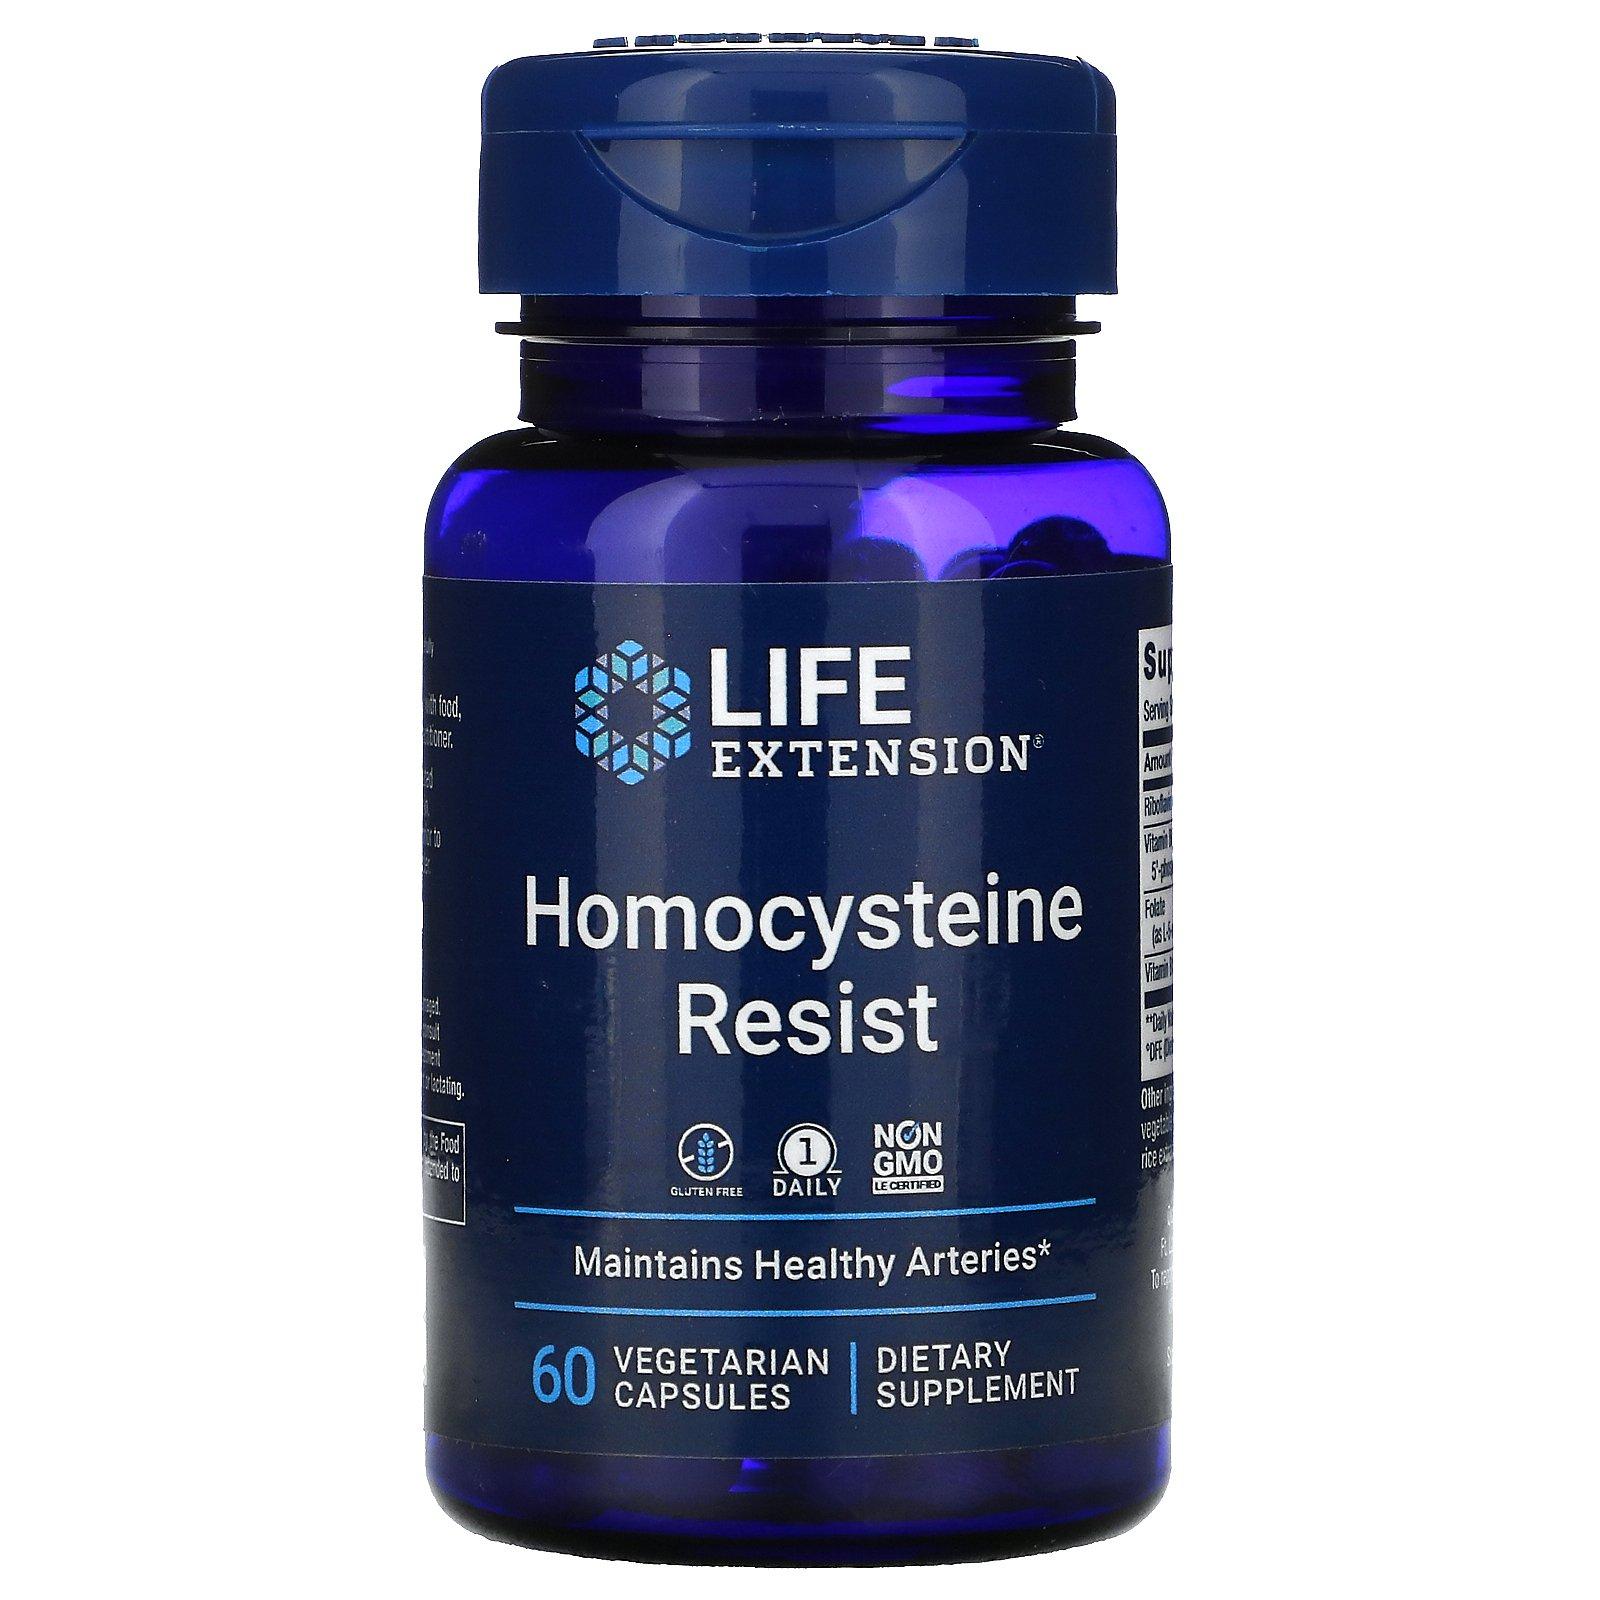 Life Extension, Homocysteine Resist, добавка для поддержания здорового уровня гомоцистеина, 60 вегетарианских капсул